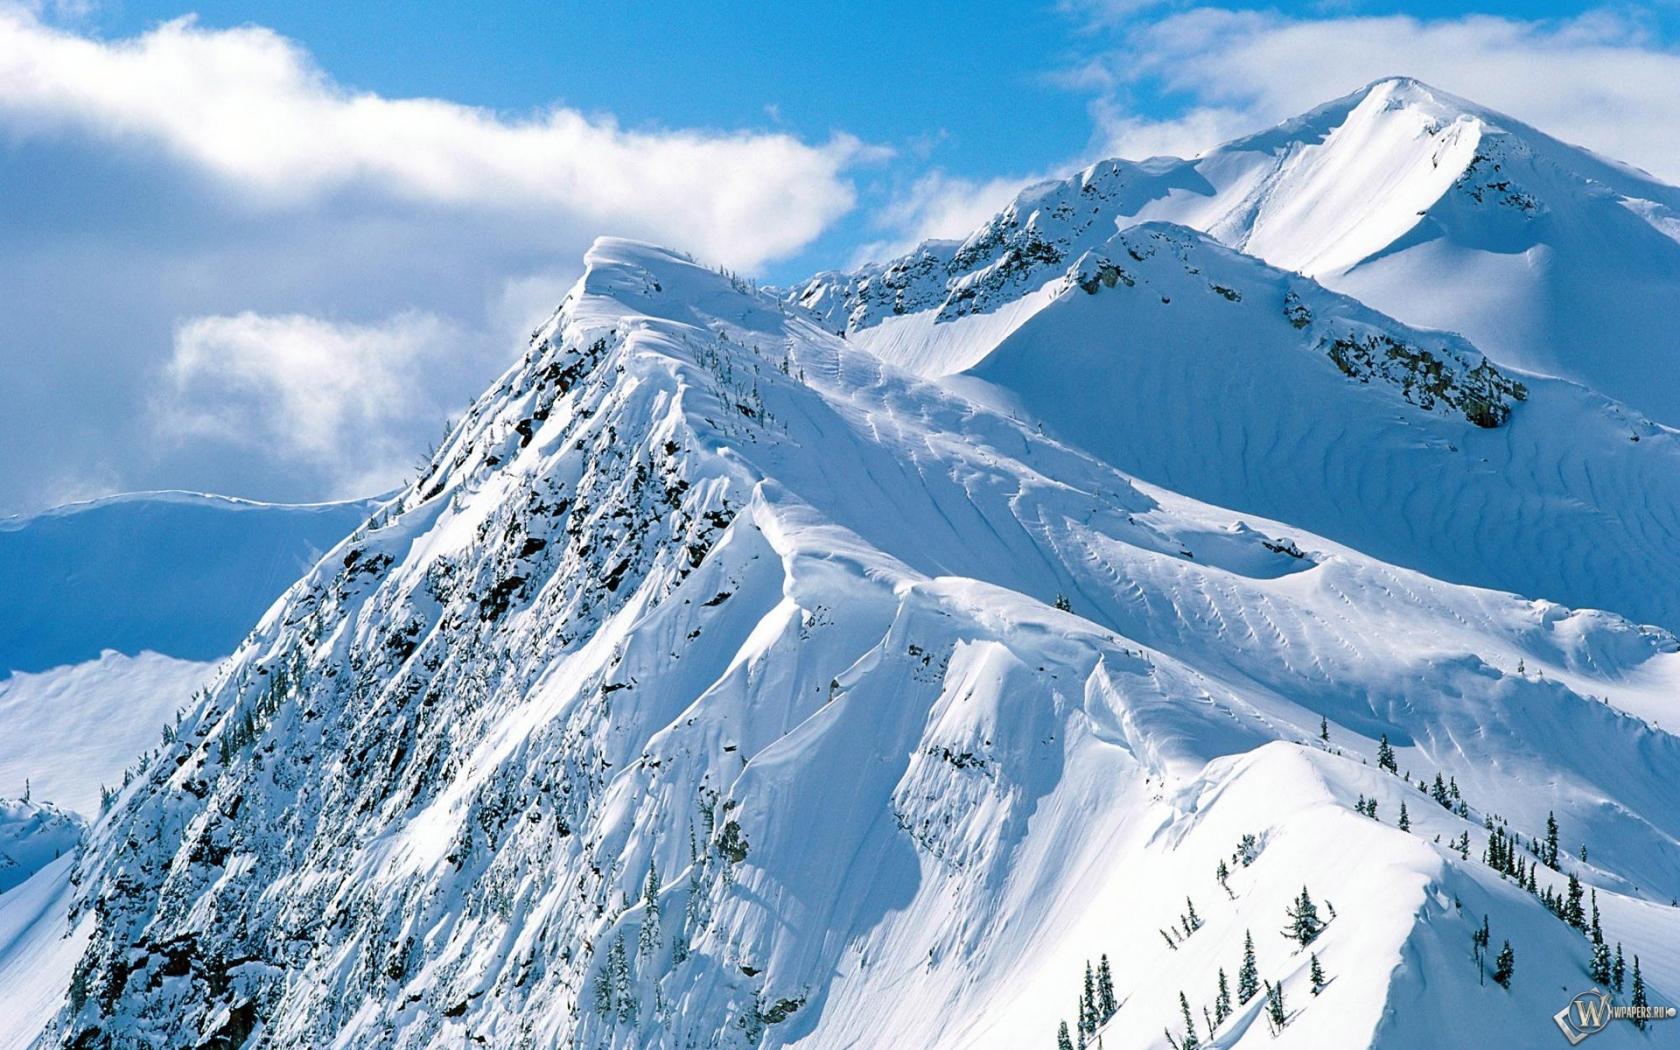 раскраске картинки горные снежные вершины то